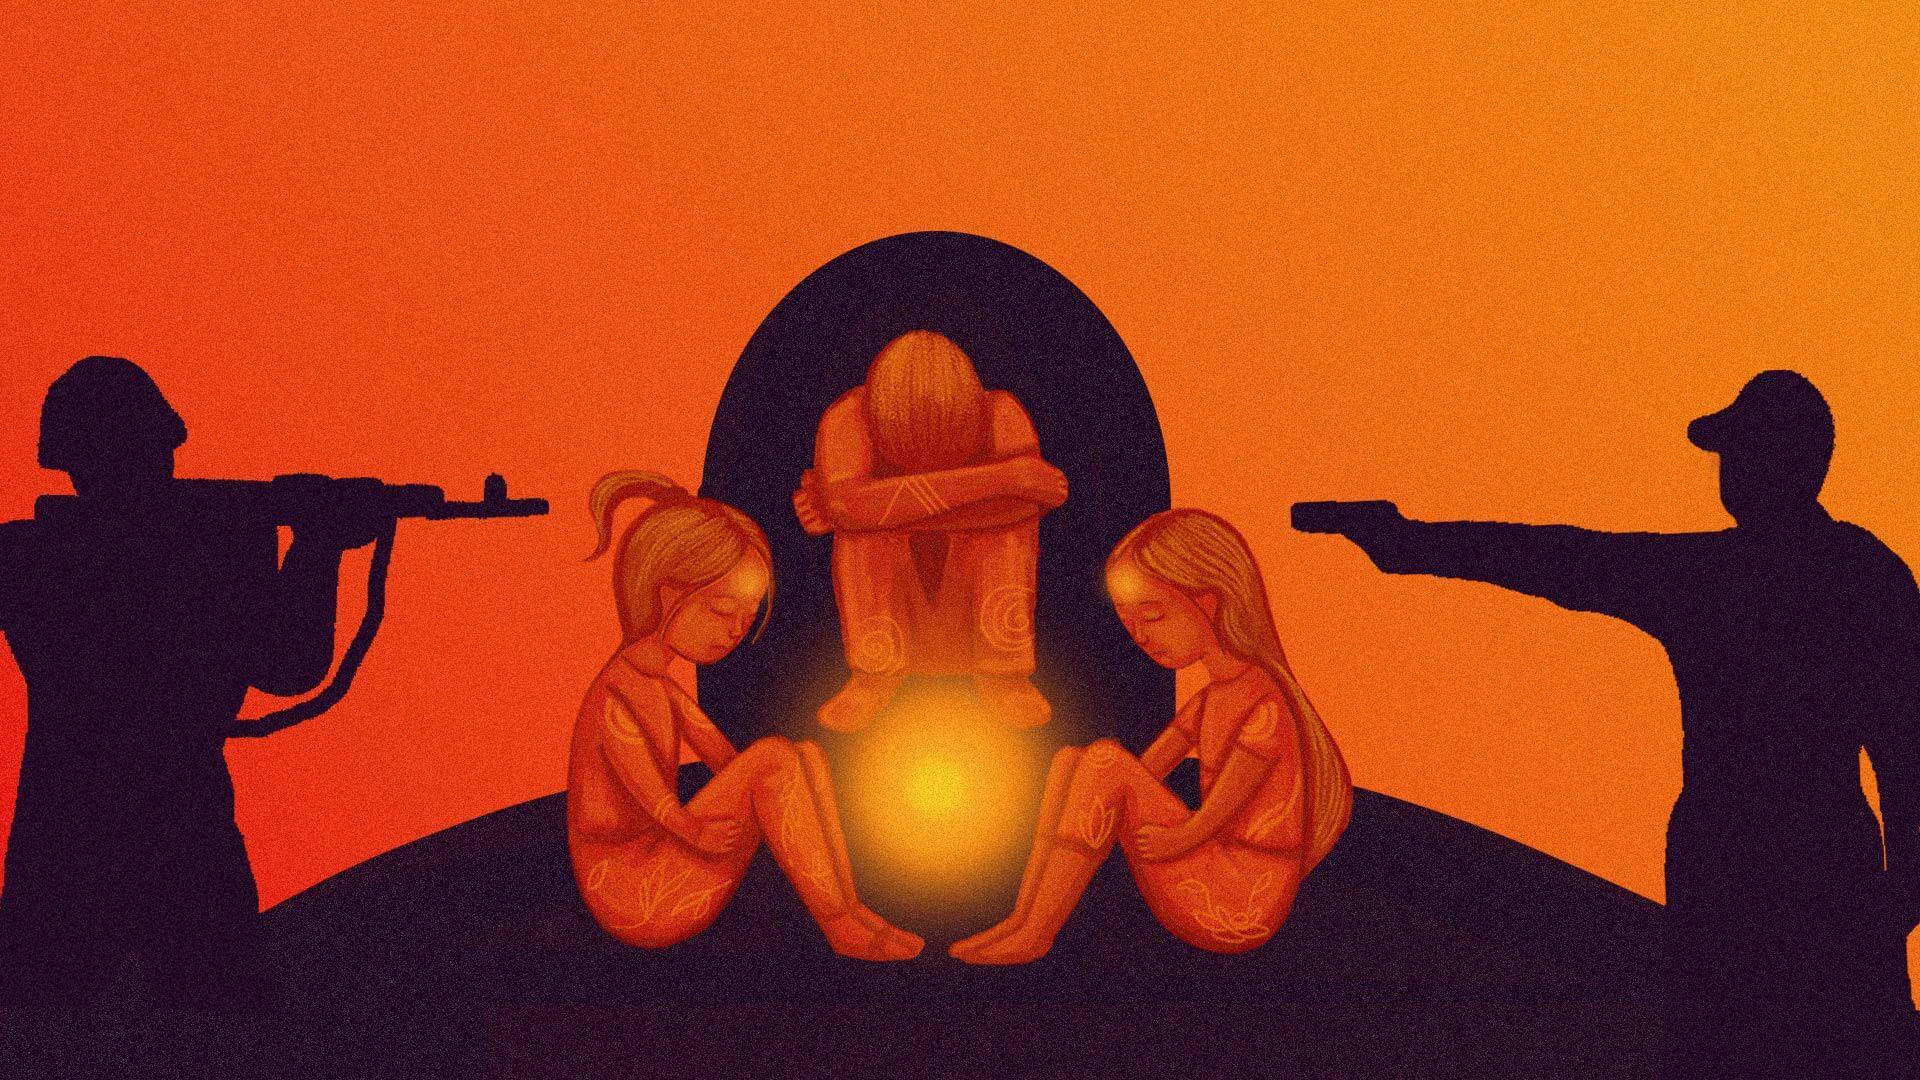 Los 'castigos' y las 'correcciones' que sufrieron los menores LGBTI+ en los peores años del conflicto